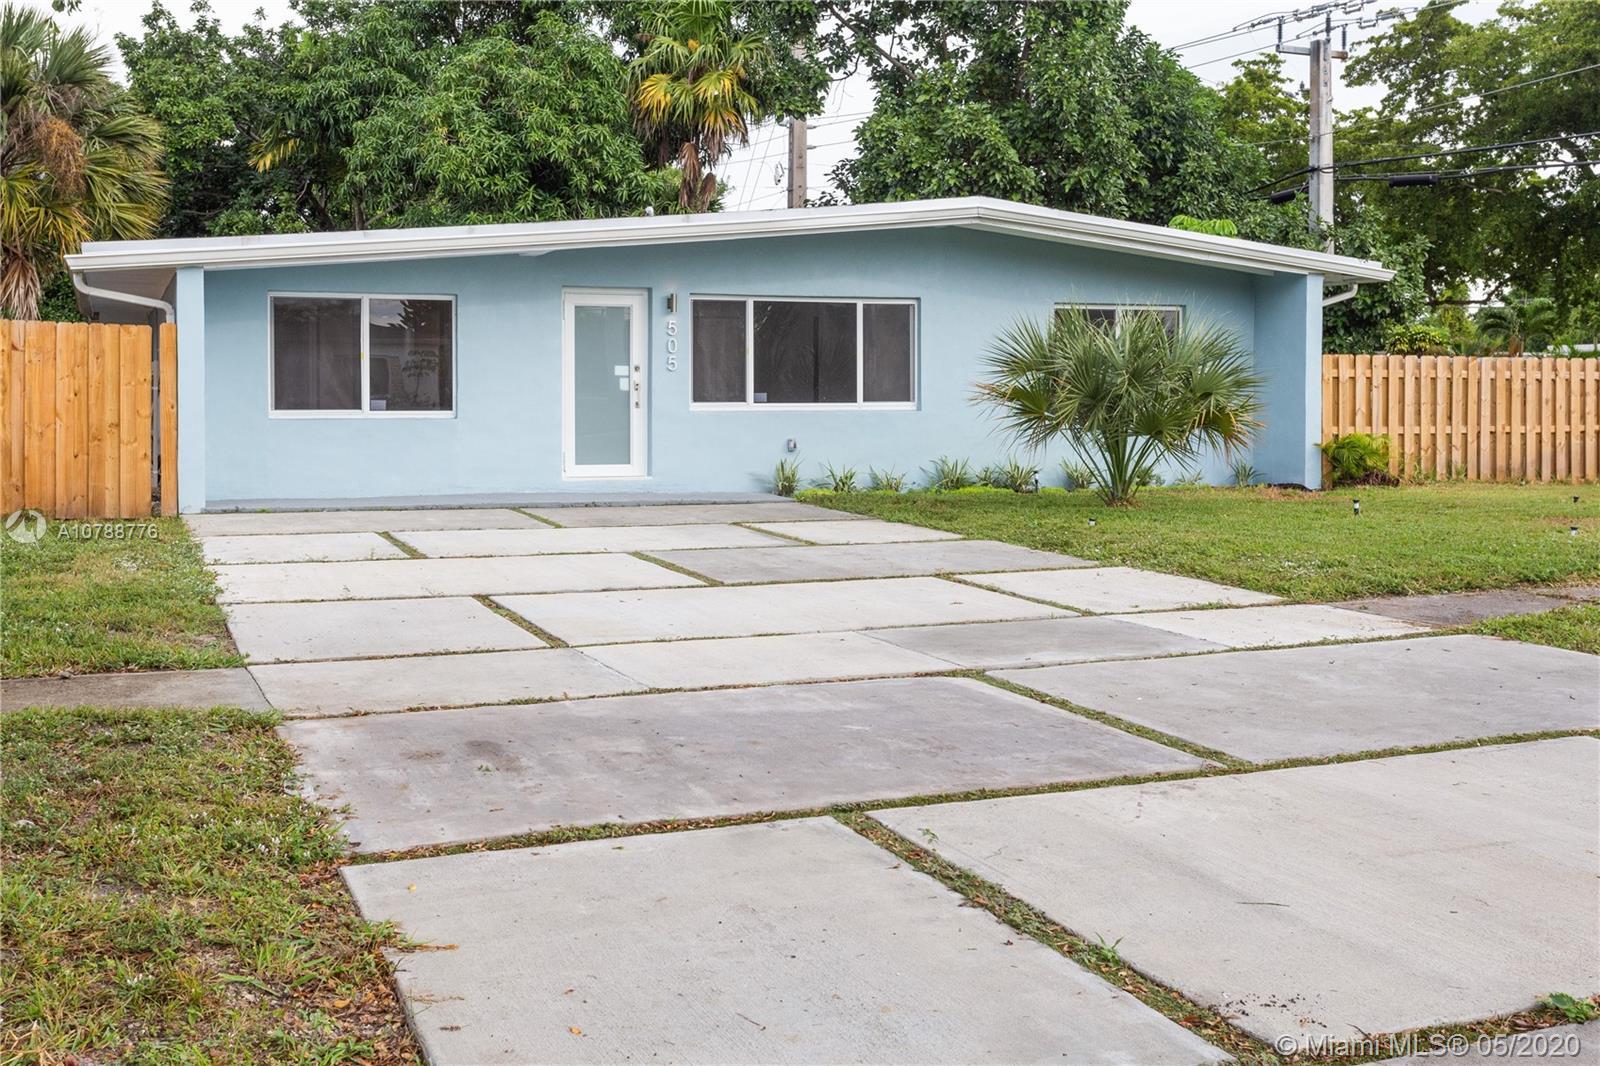 505 NW 127th St, North Miami, FL 33168